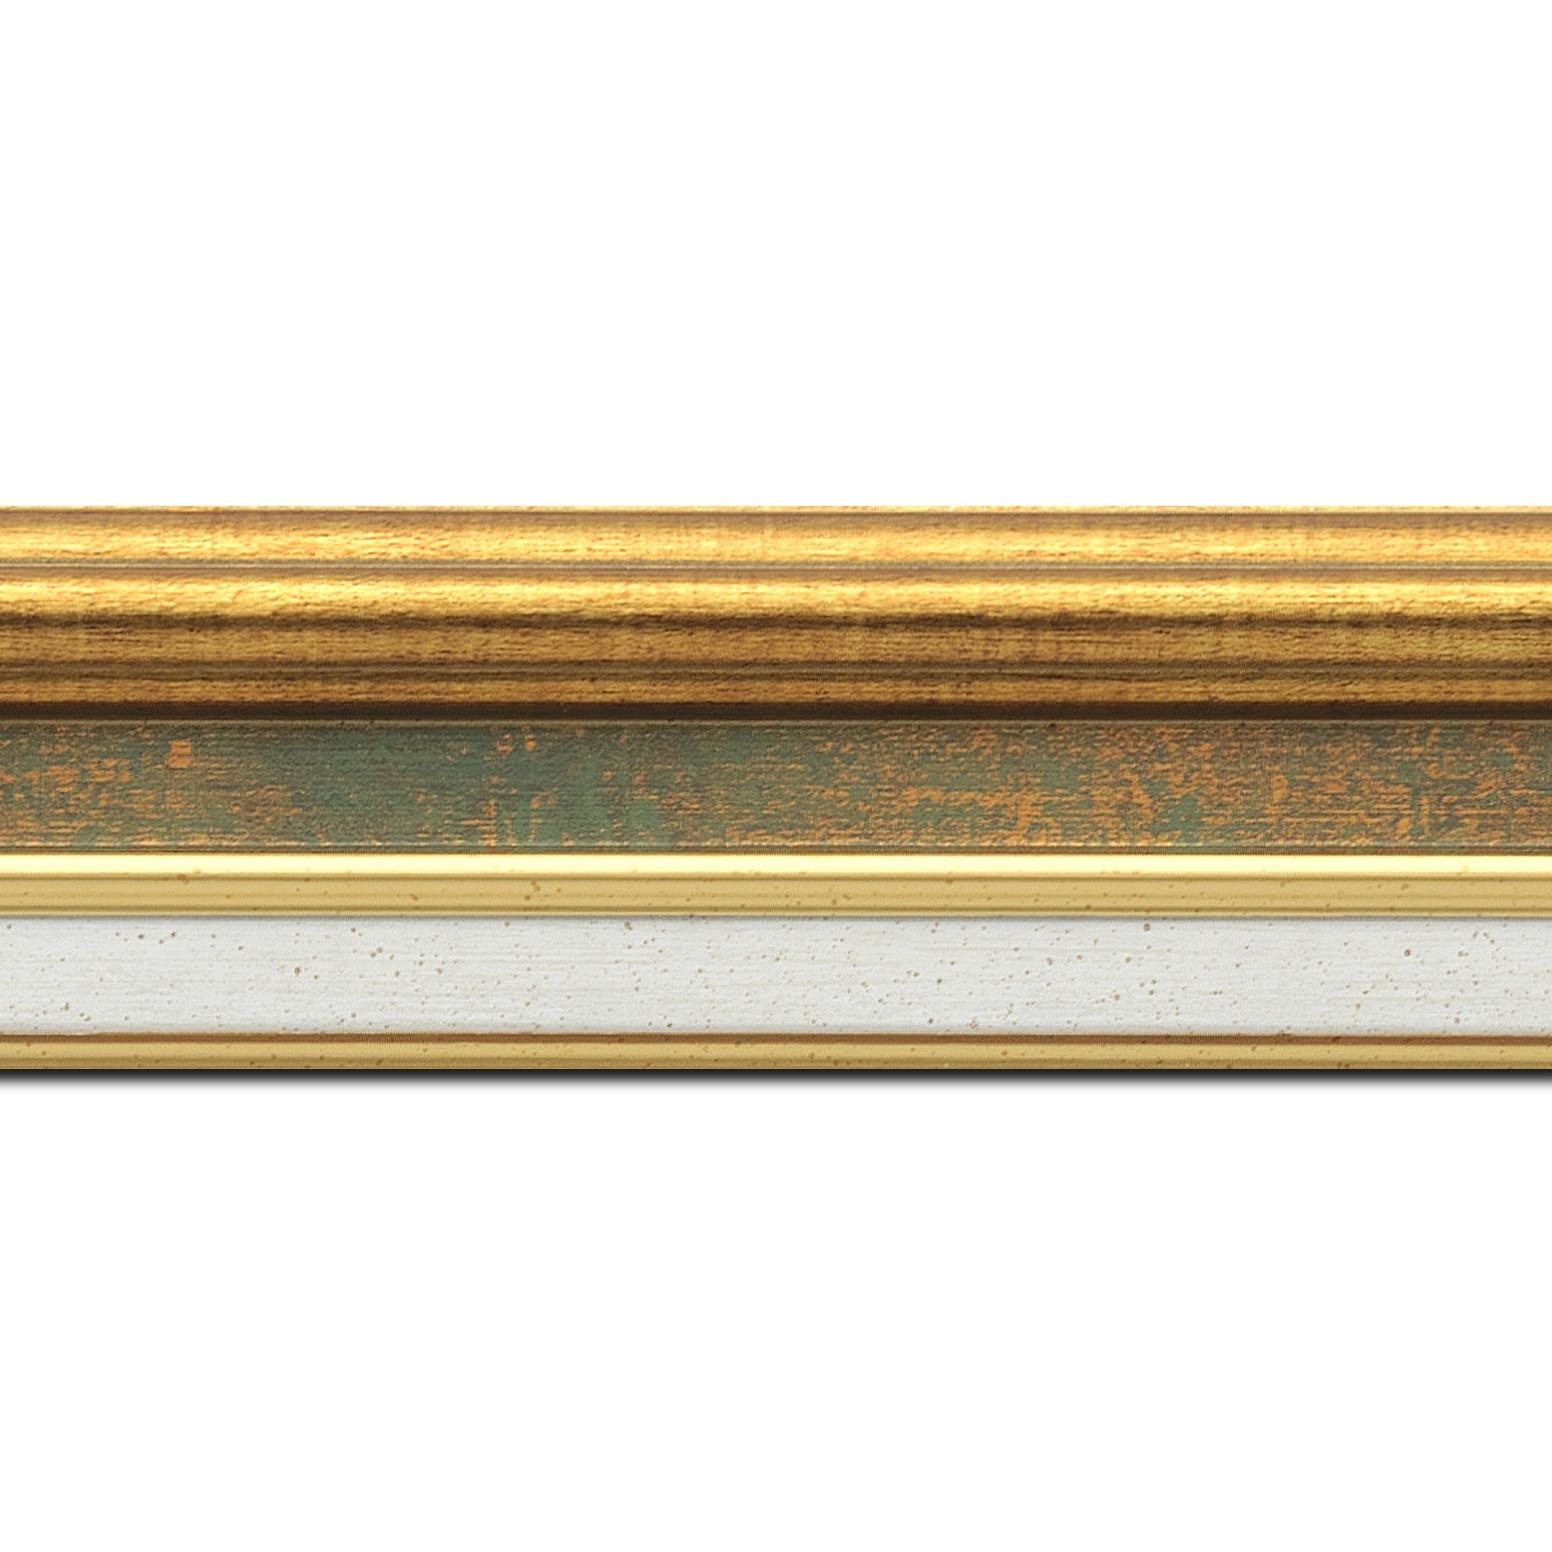 Pack par 12m, bois largeur 5.2cm or gorge vert fond or  marie louise crème filet or intégrée(longueur baguette pouvant varier entre 2.40m et 3m selon arrivage des bois)